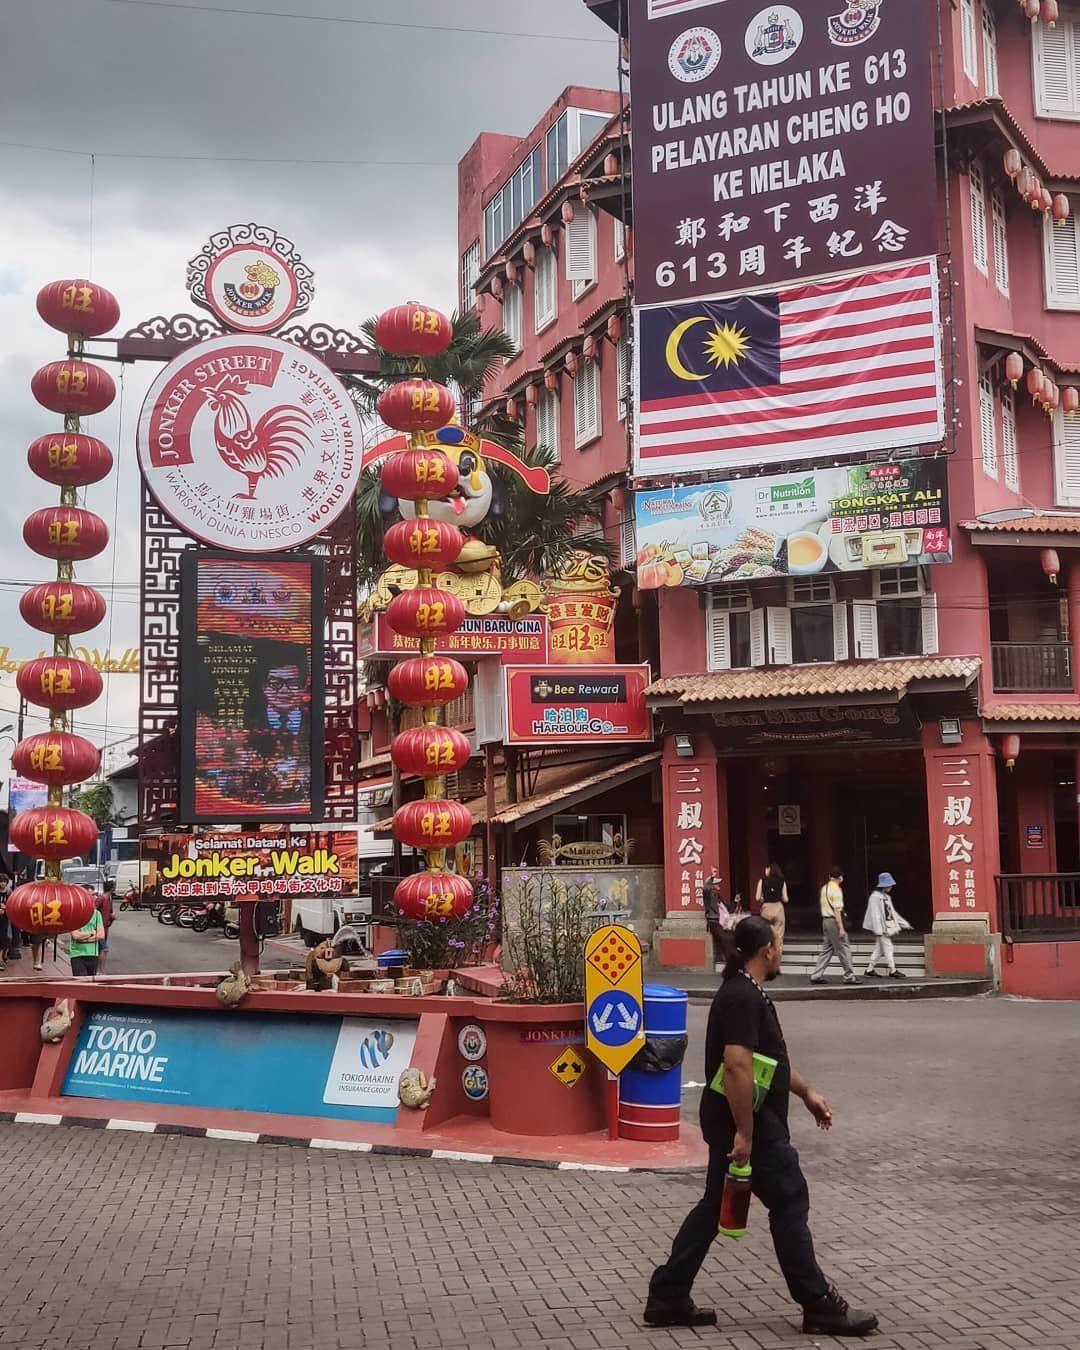 10 Tempat Liburan Terbaik Sarat Sejarah di Melaka, Instagramable Abis